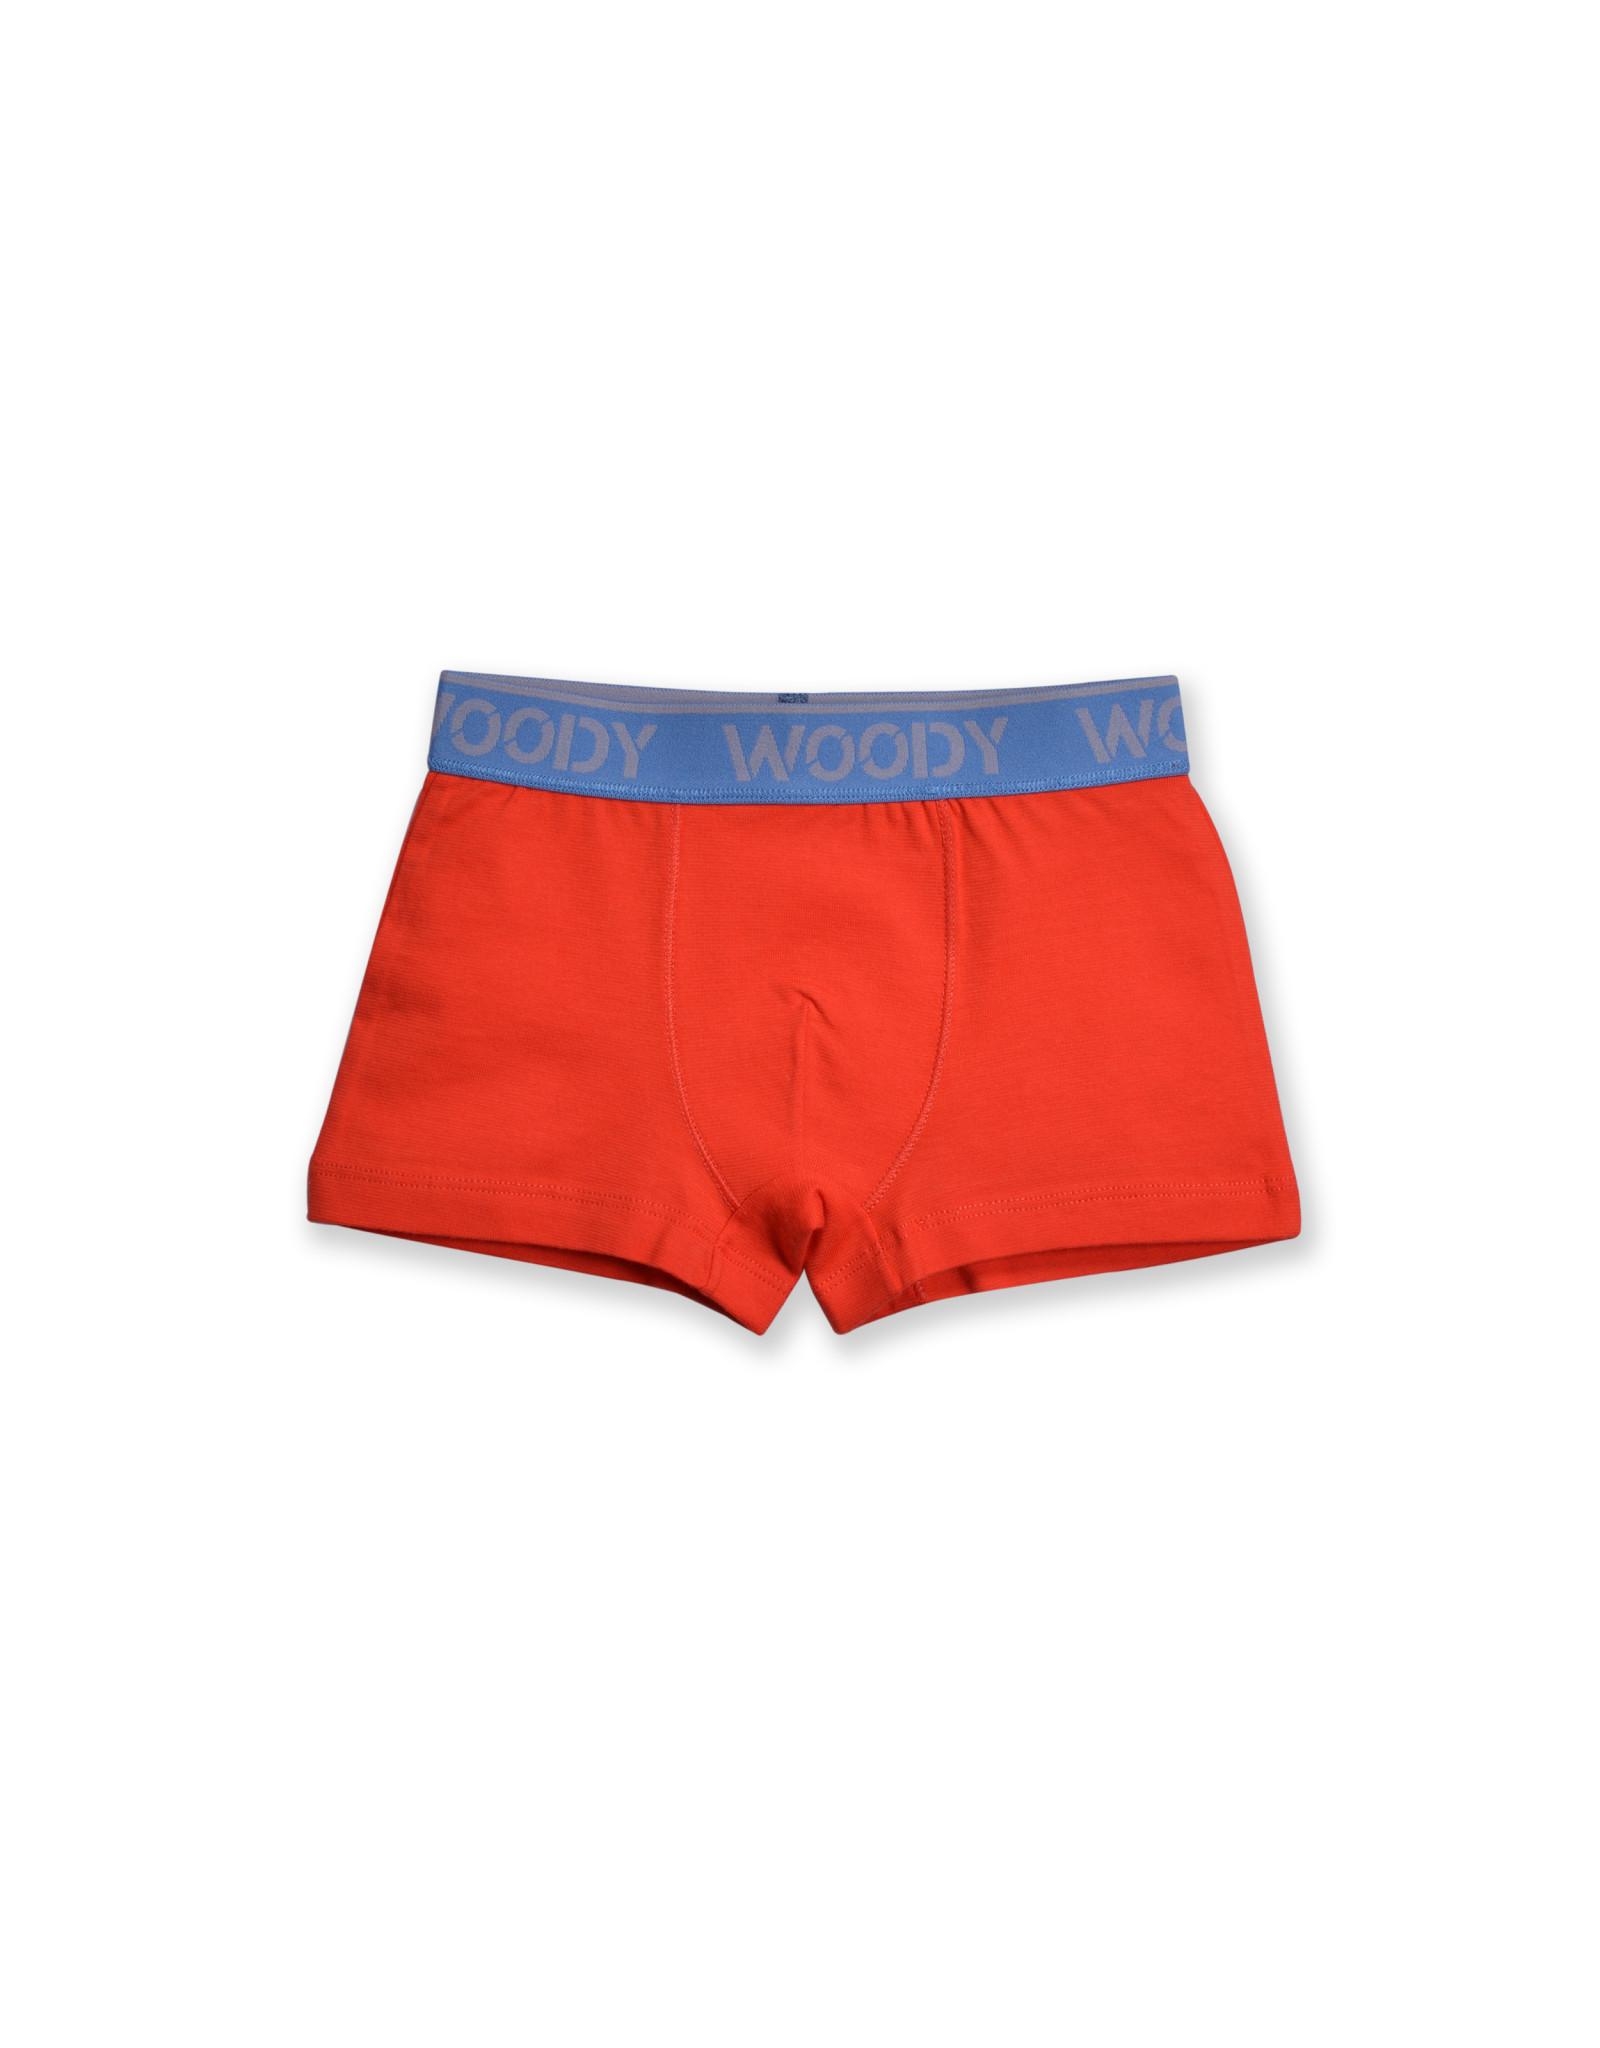 Woody Jongens short, coral